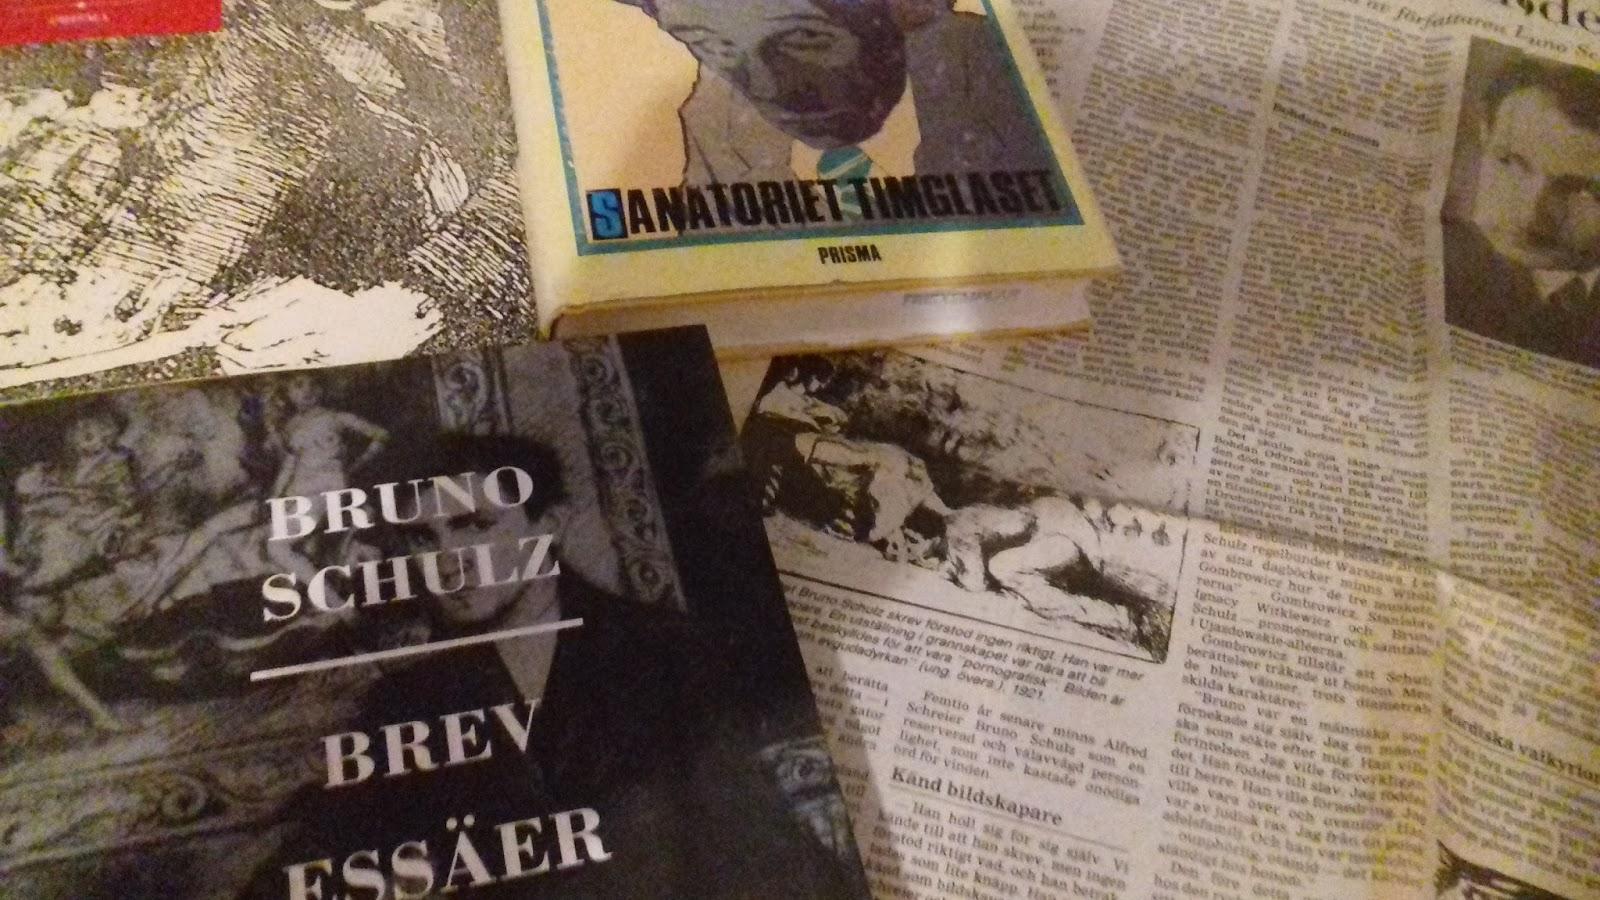 Bruno schulz brev essaer noveller